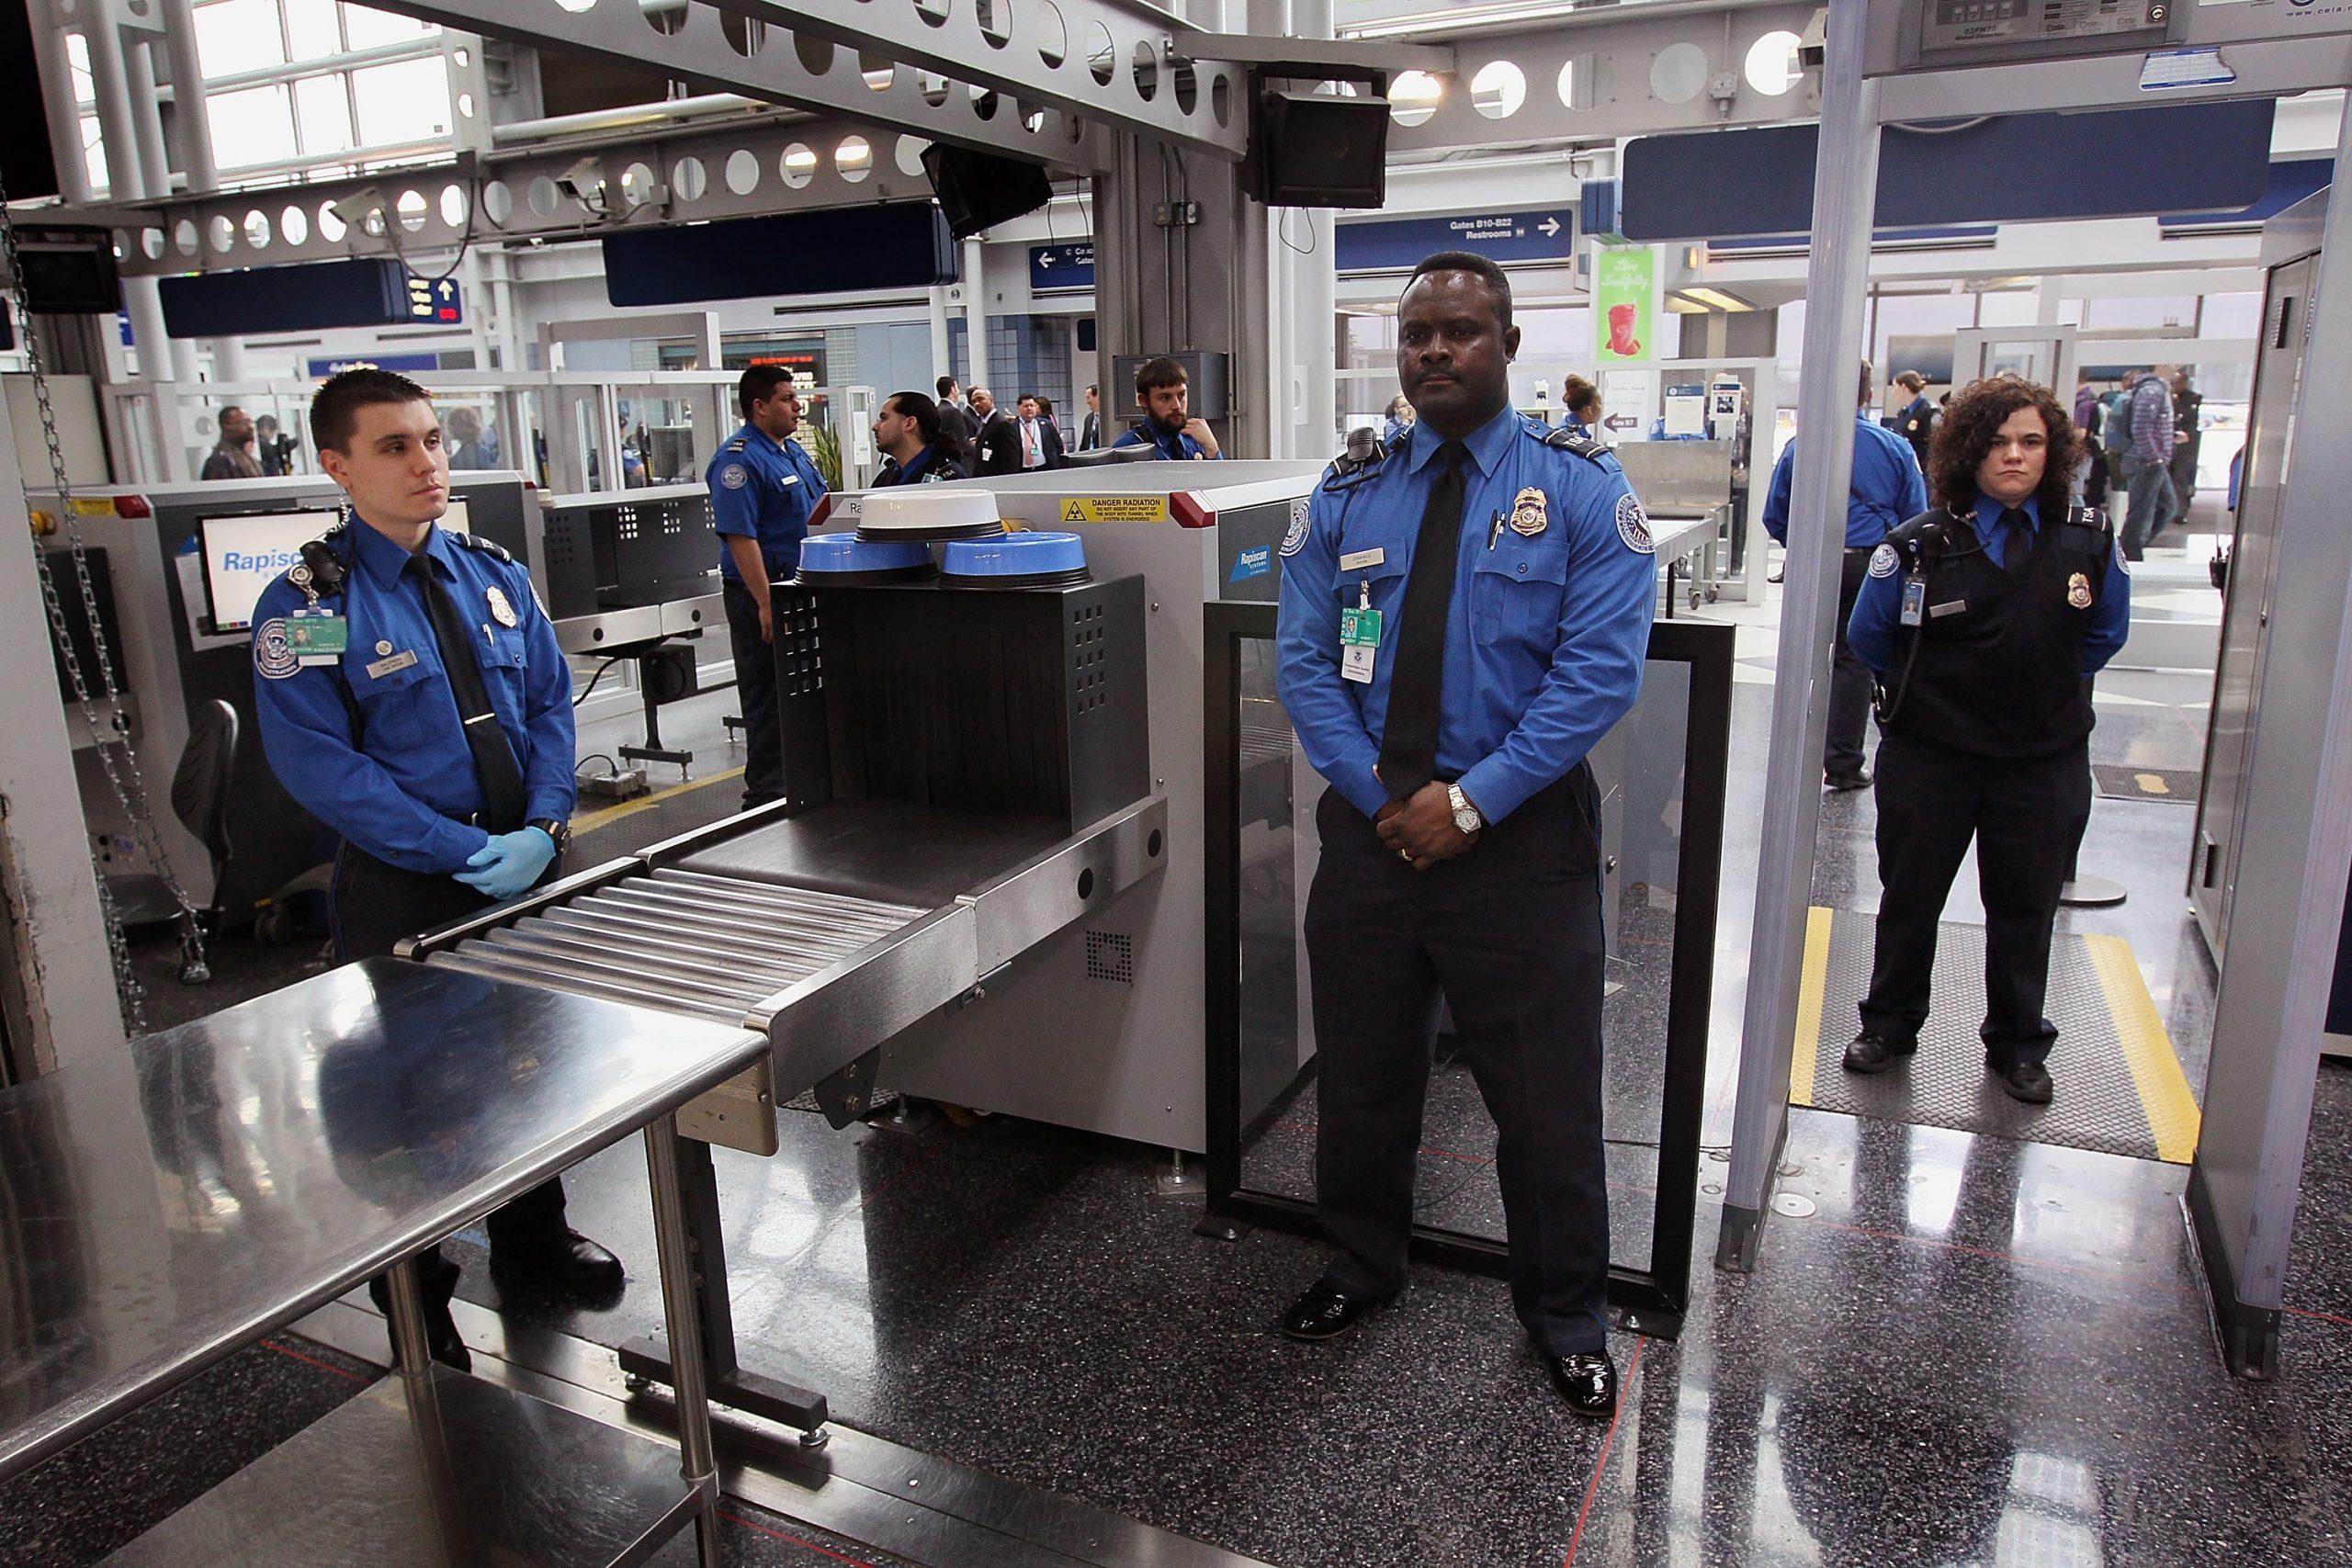 Tugas Utama seorang Petugas Keamanan Bandara